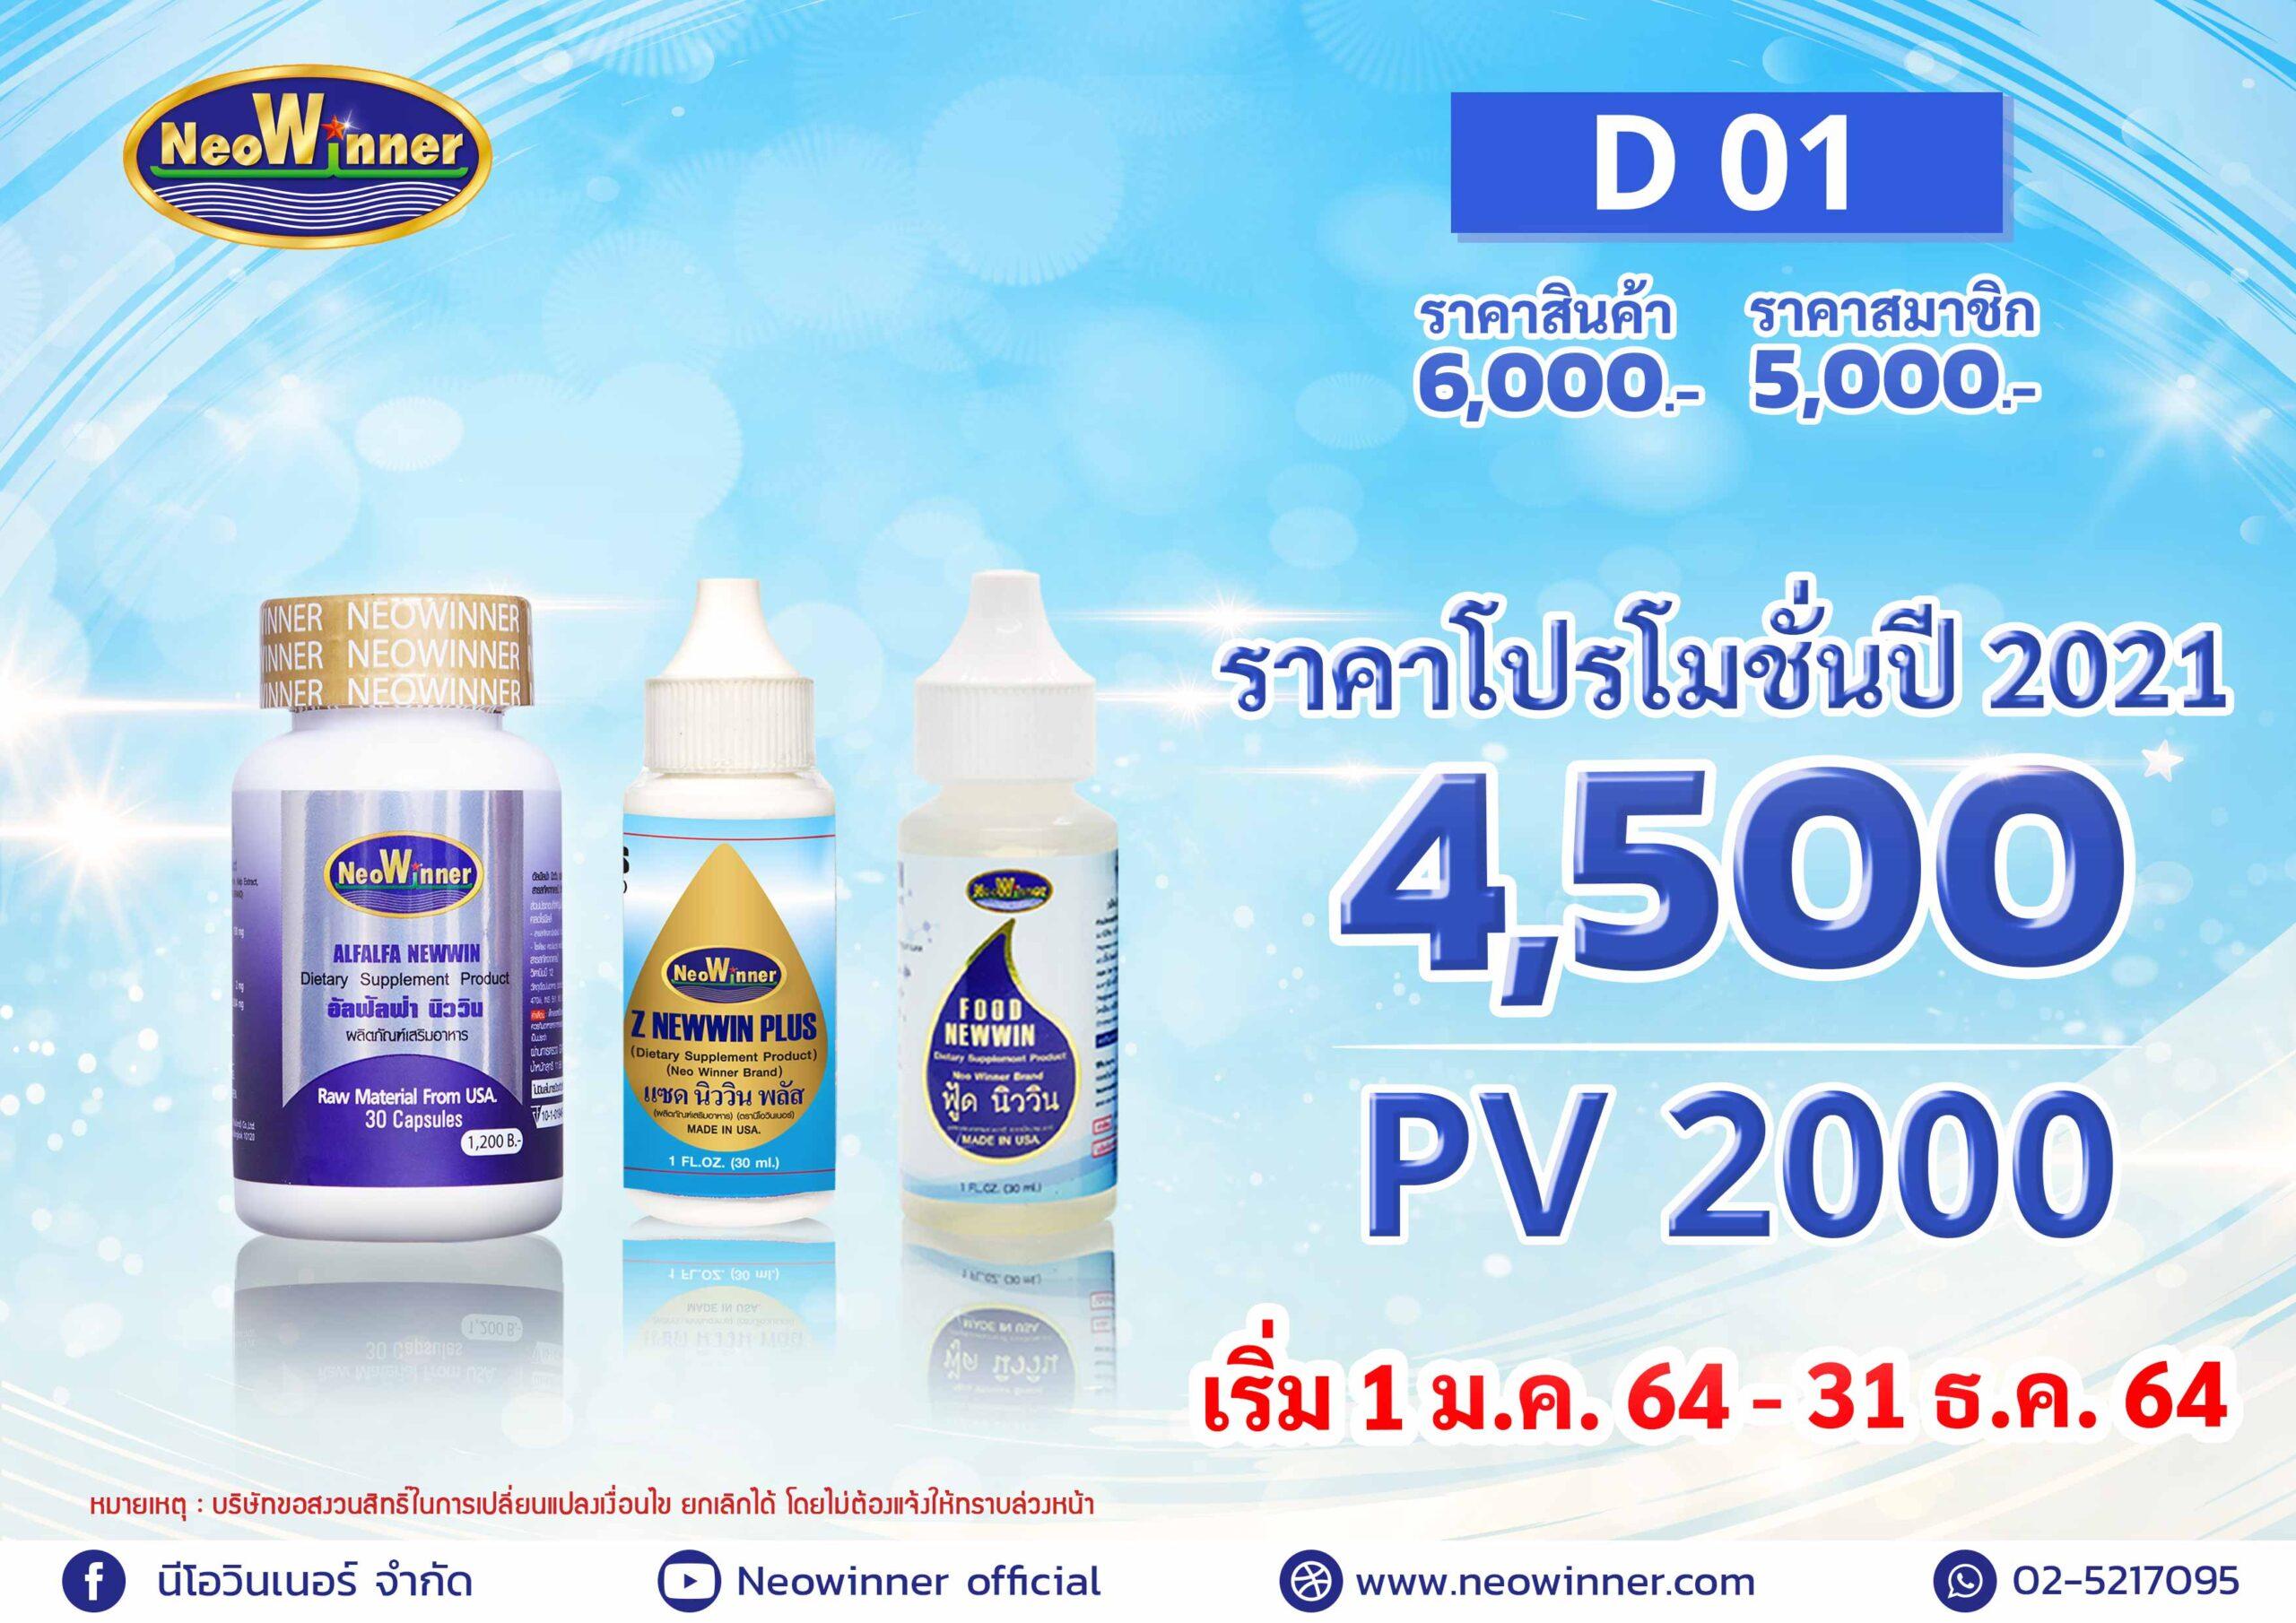 Promotion-D-01-2021